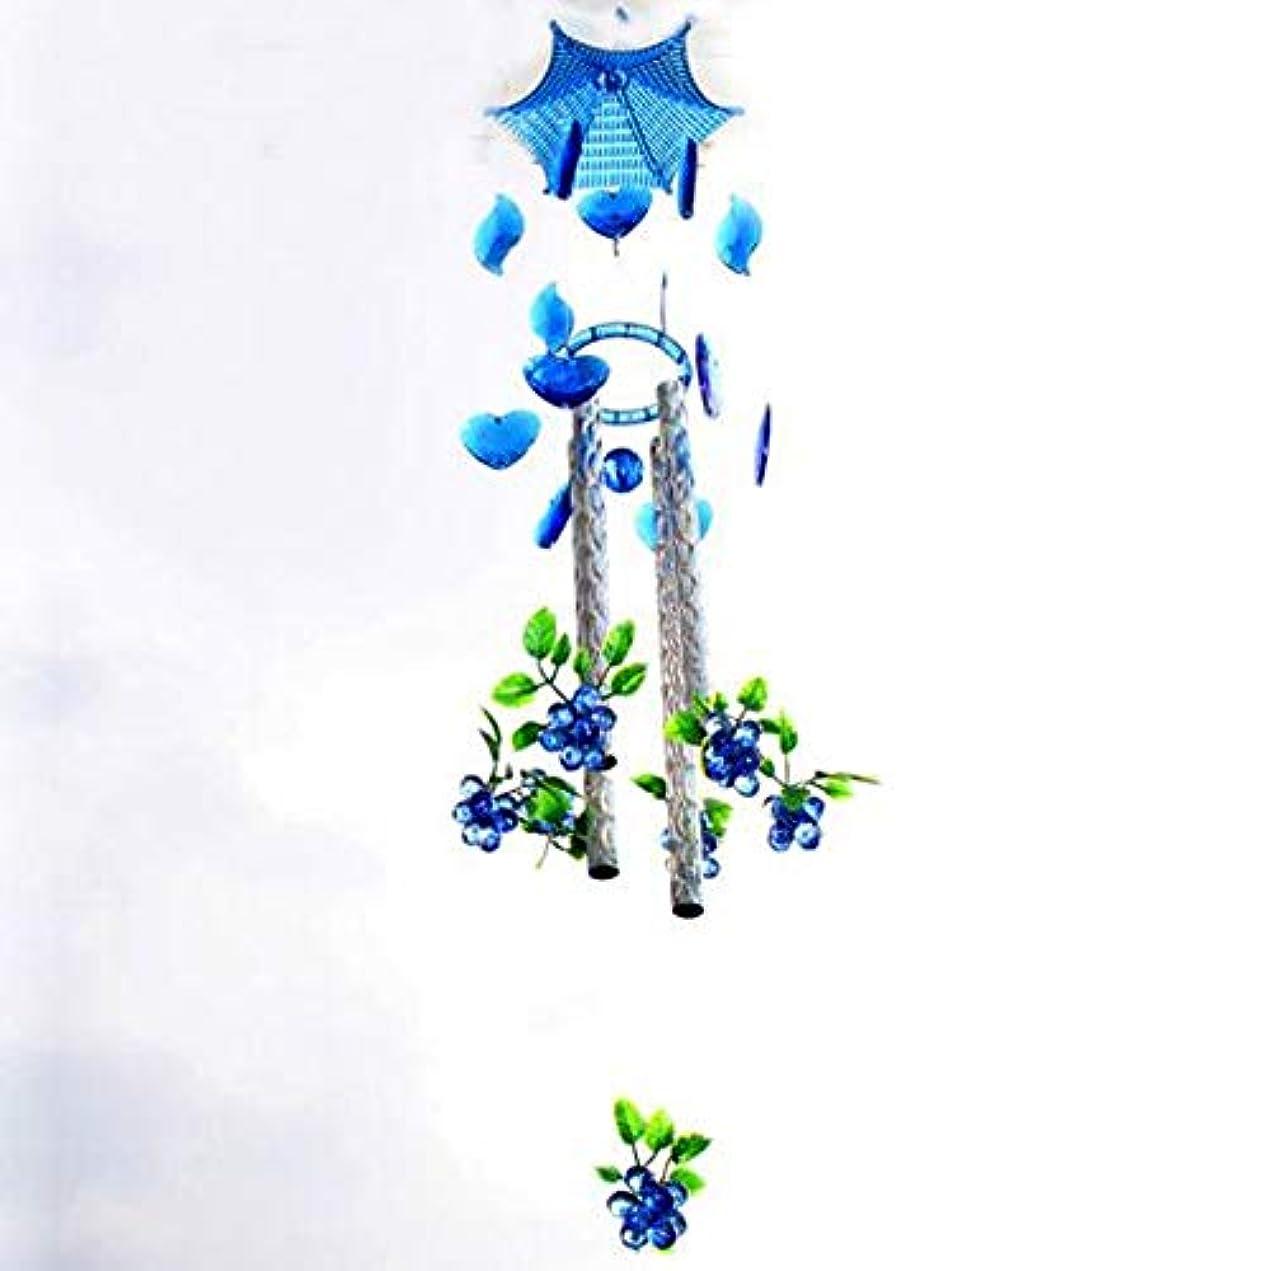 返済期限切れシンジケートHongyuantongxun 風チャイム、プラスチック金属の庭ブドウ風の鐘、ブルー、全身について80CM,、装飾品ペンダント (Color : Blue)